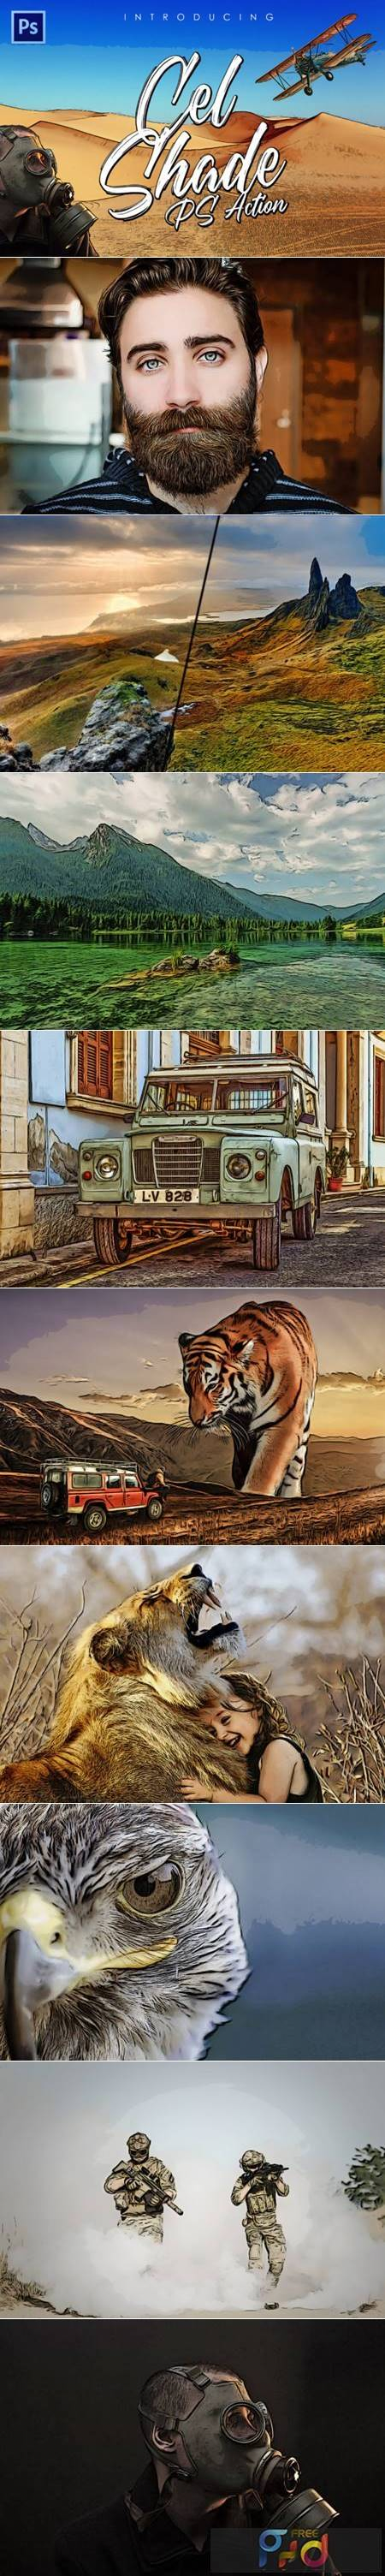 Cel-Shading Photoshop Action 6941374 1